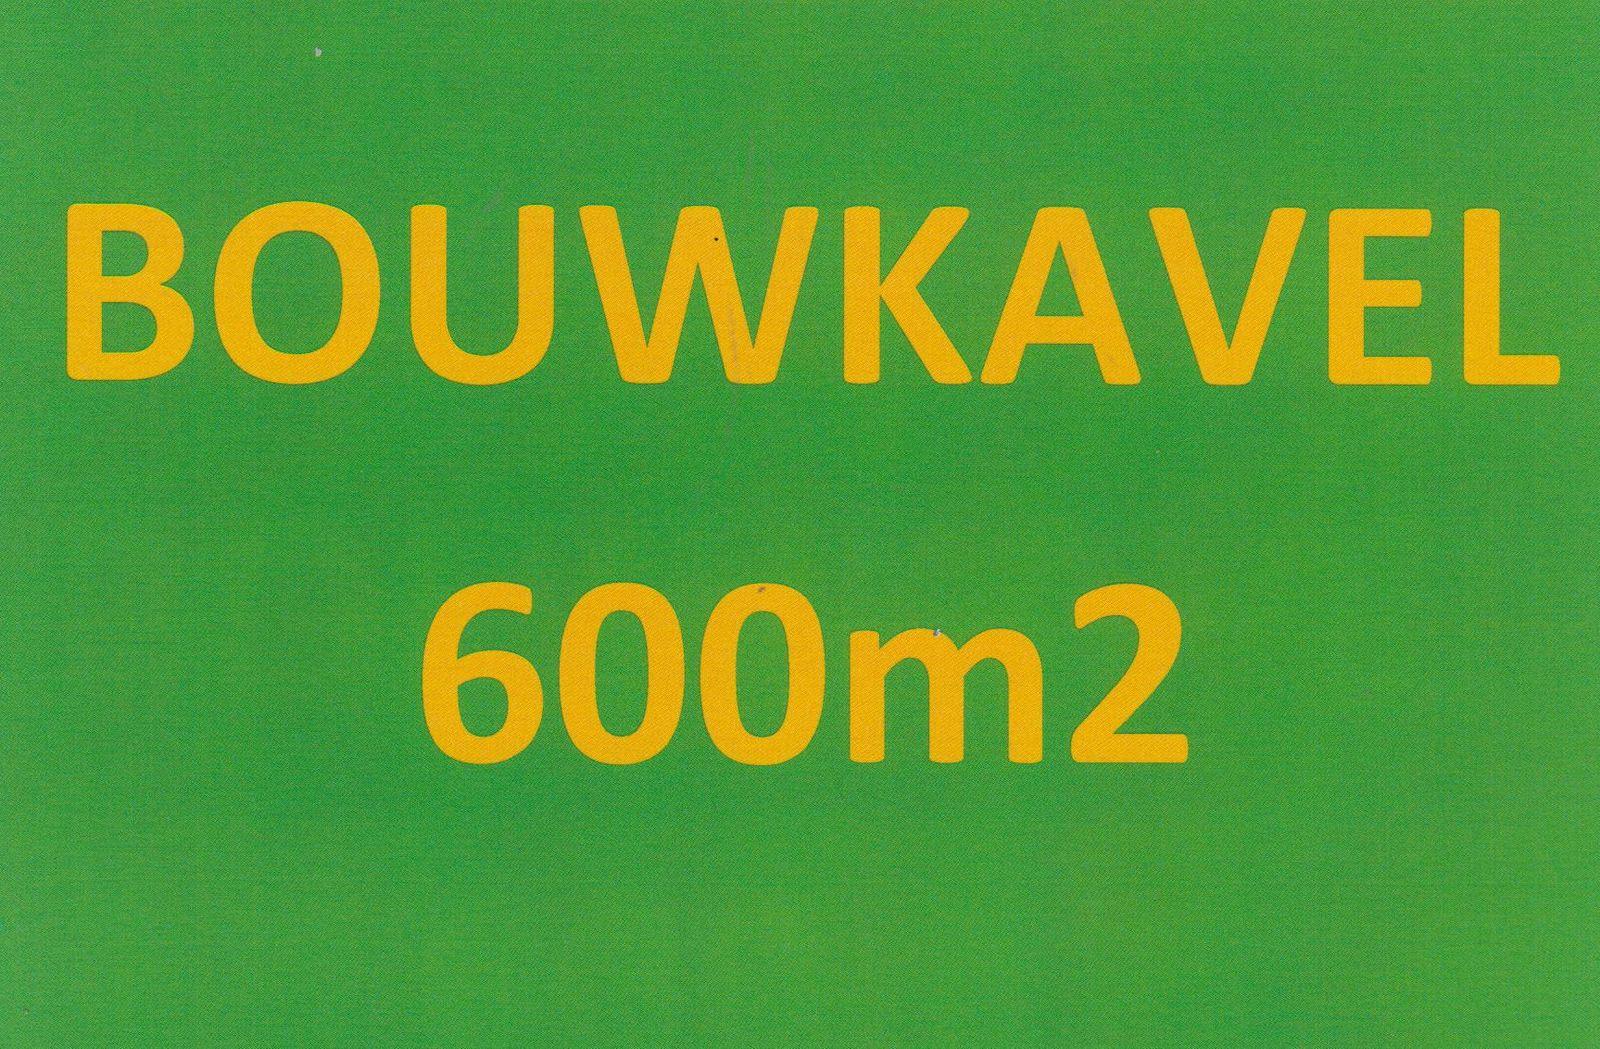 Kapittelweg 0-ong, Molenhoek